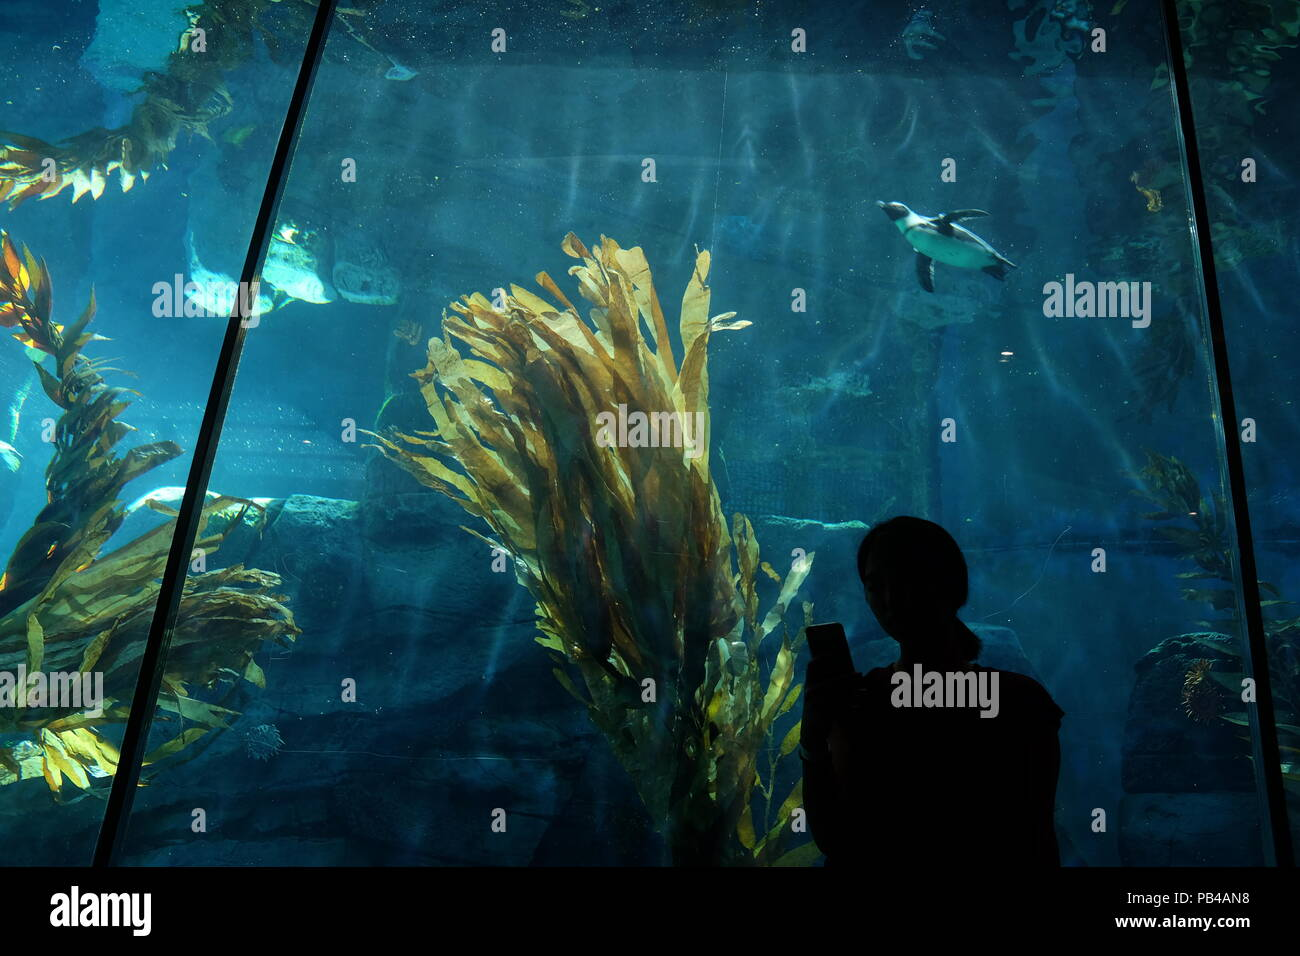 African Penguin Swimming In Aquarium Tank Stock Photos African